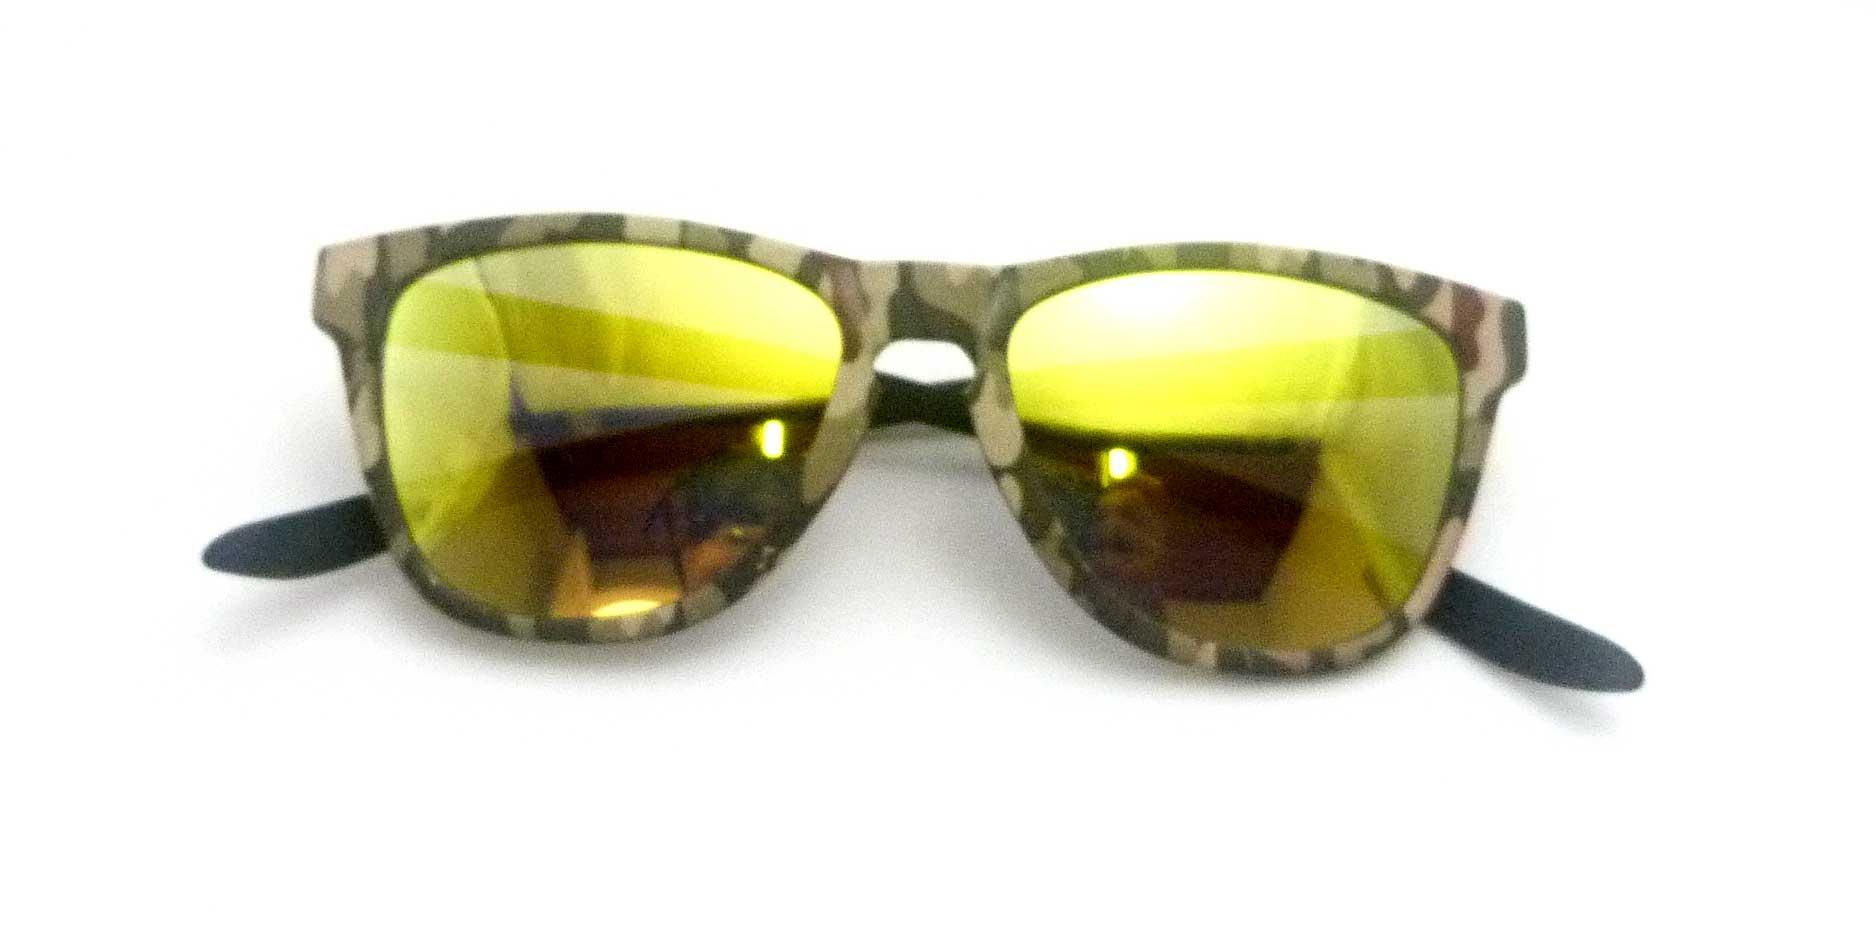 0215115 - Óculos-Solar CS Koala Camuflado 54x17 Verde Mod 15115 FLAG 9  -Contém 1 Peça